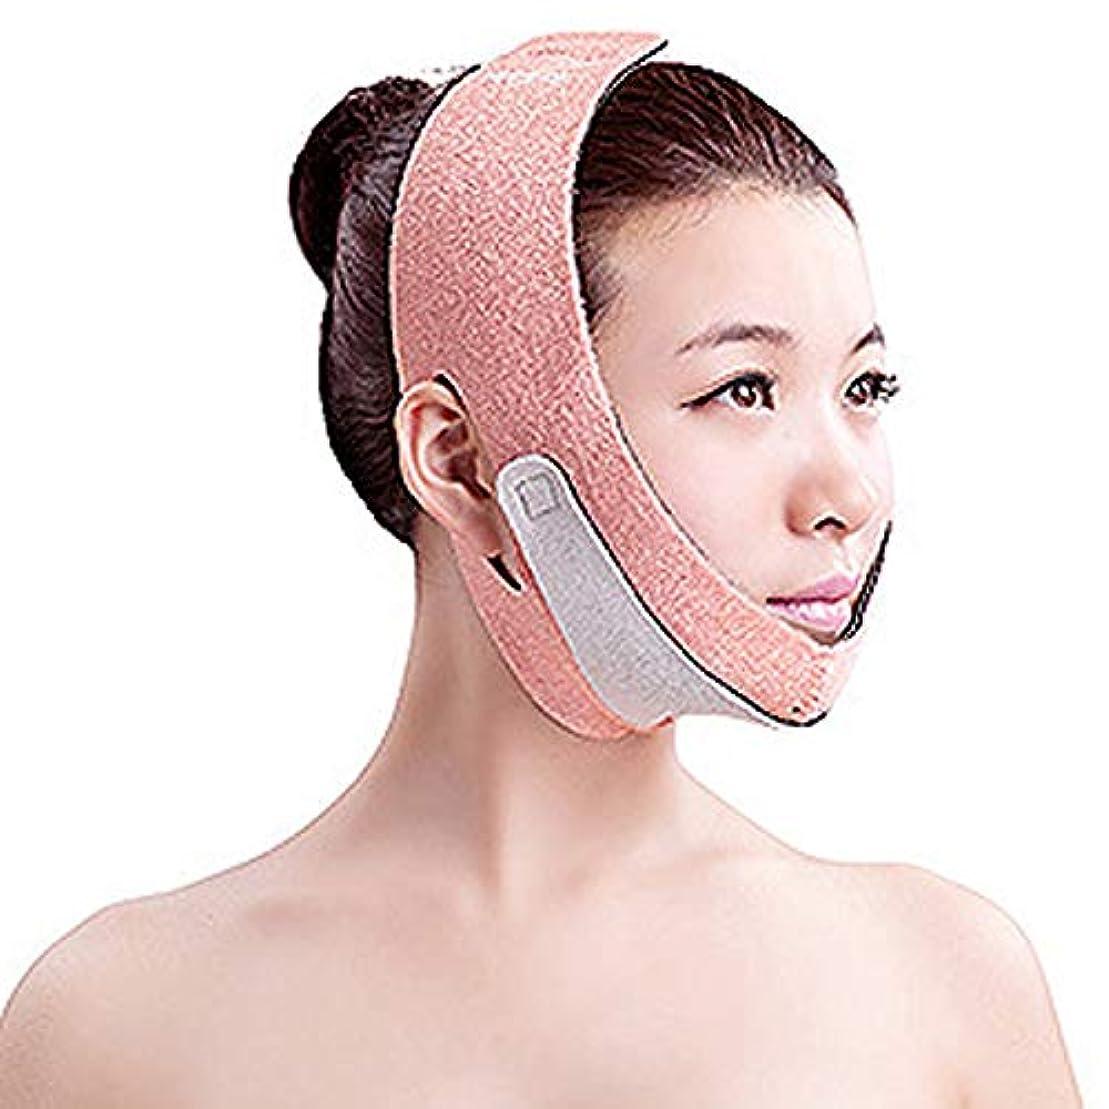 二重顎ベルト、V顔面の人工物、薄い顔の包帯、リフティングパッキング、アンチシワマスク、ユニセックス